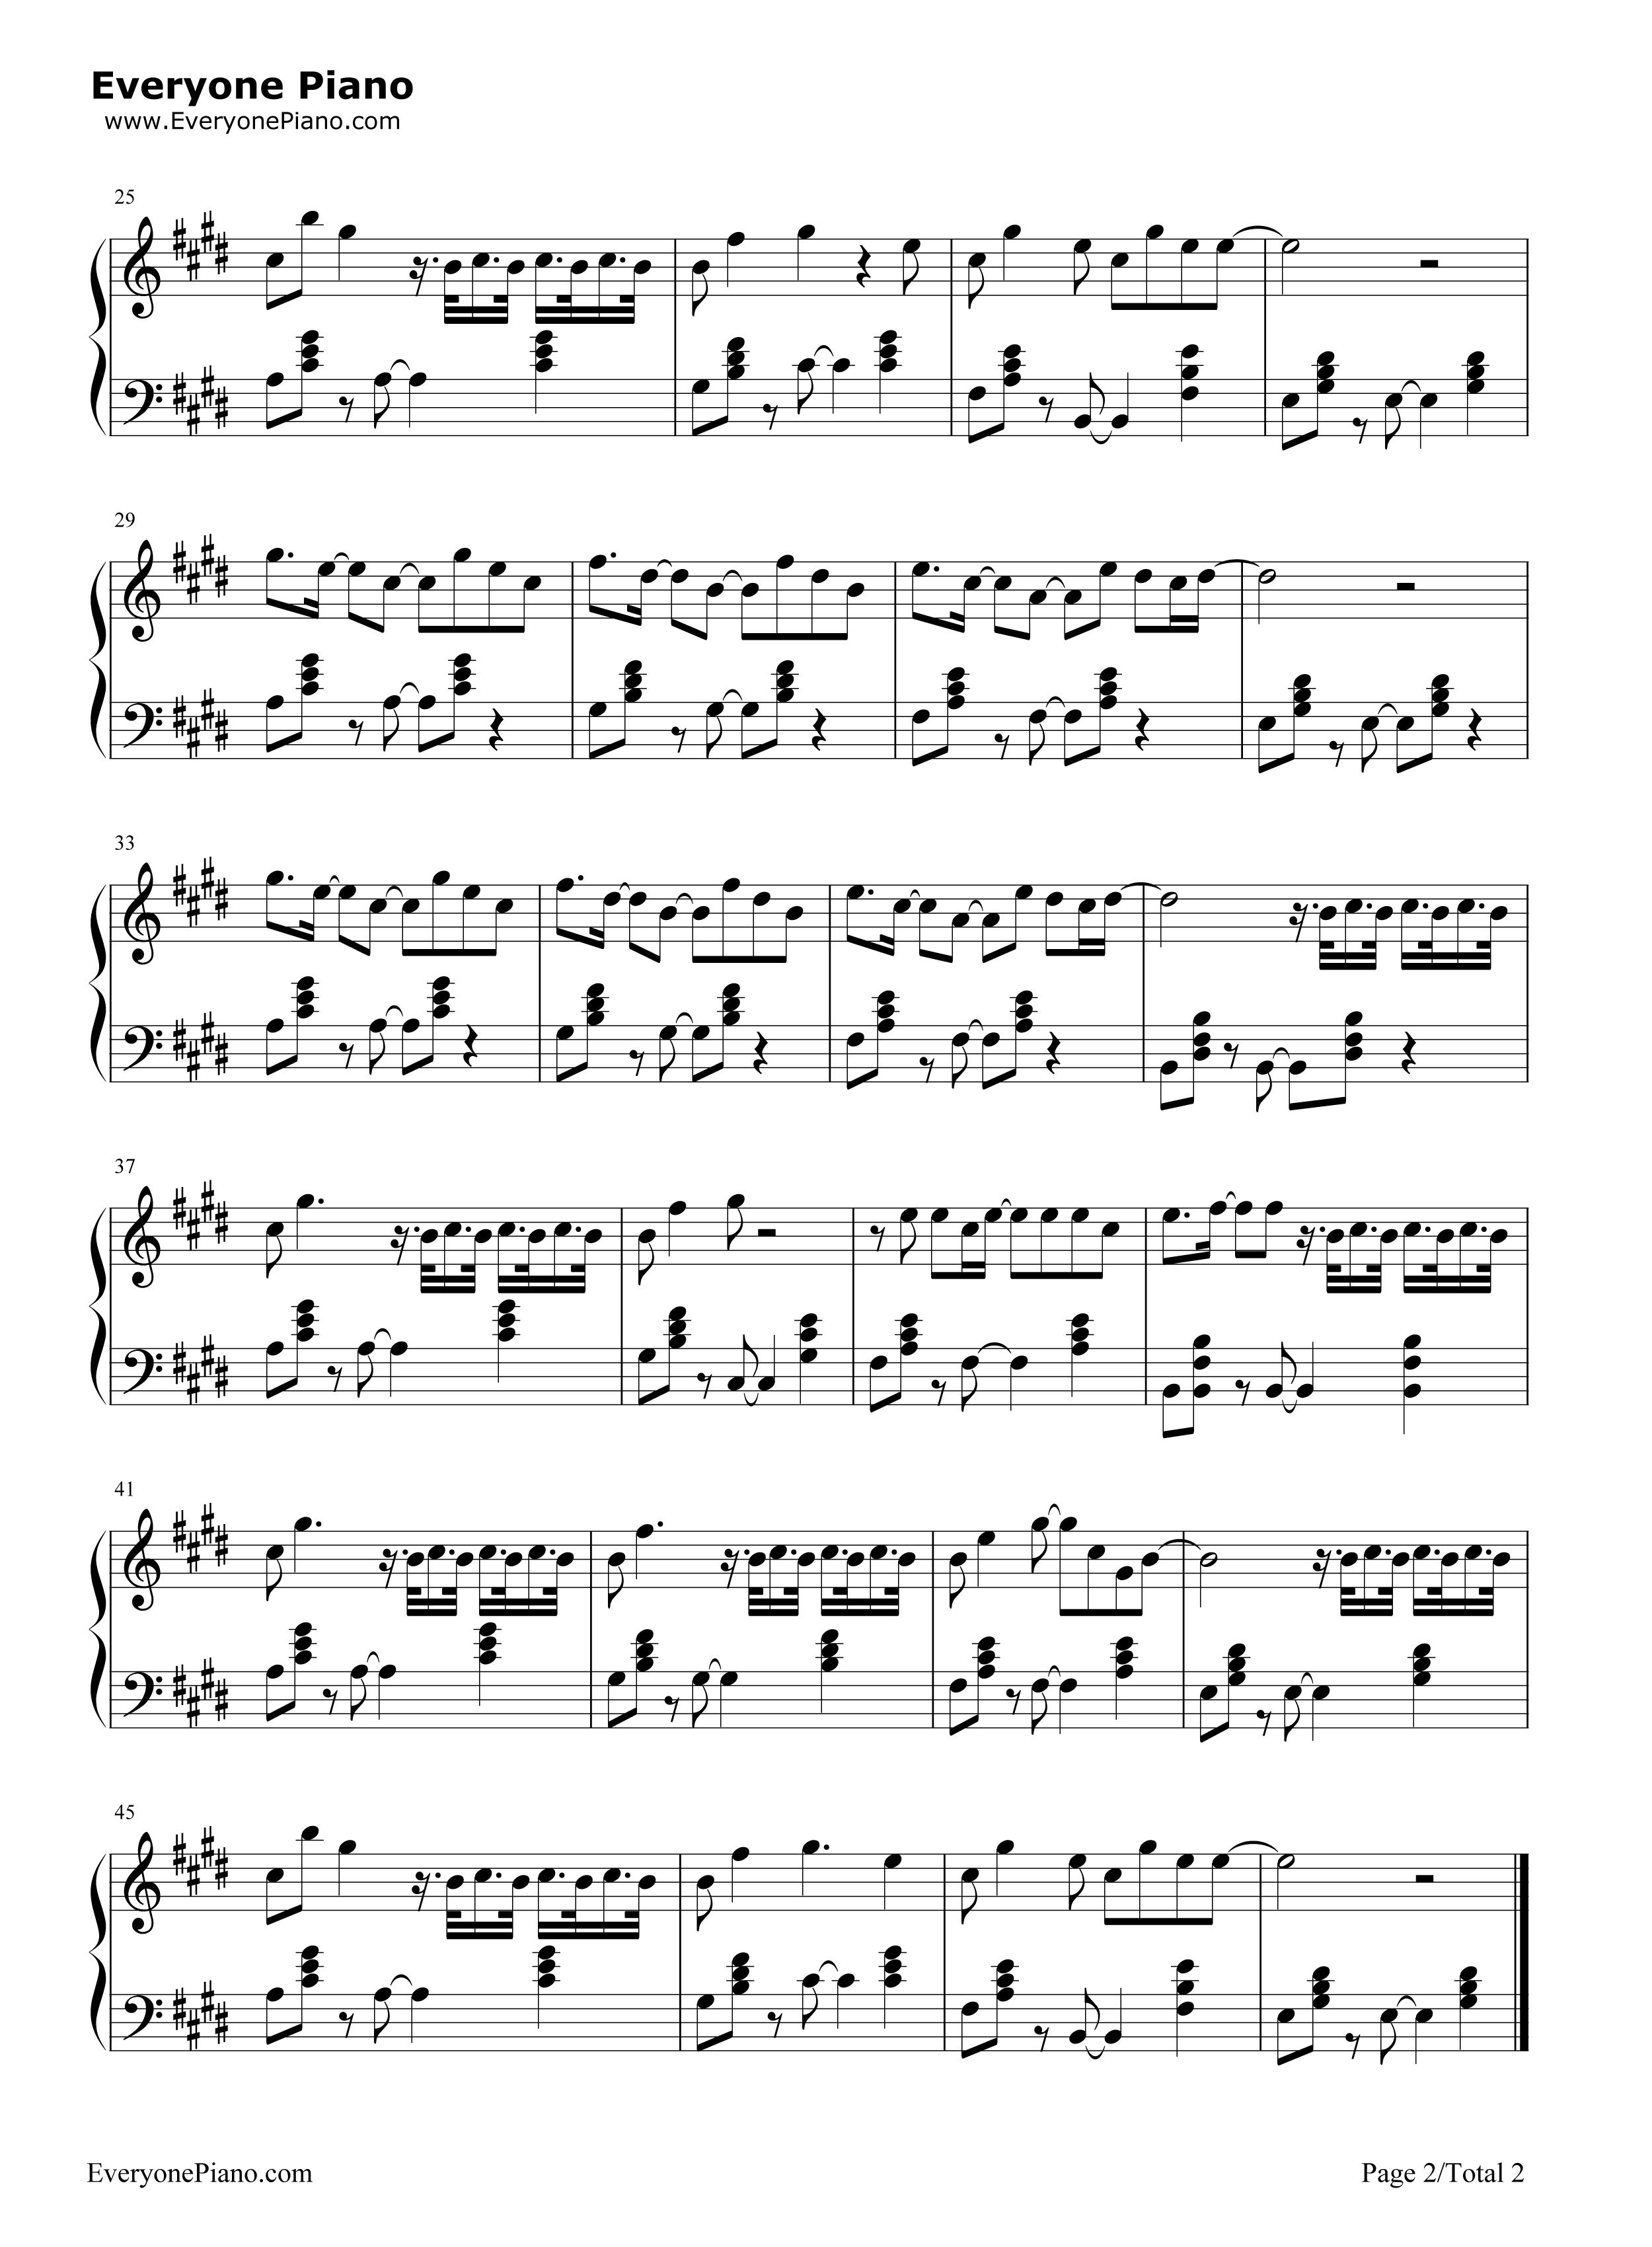 钢琴曲谱 流行 空空如也-胡66 空空如也-胡66五线谱预览2  }  仅供